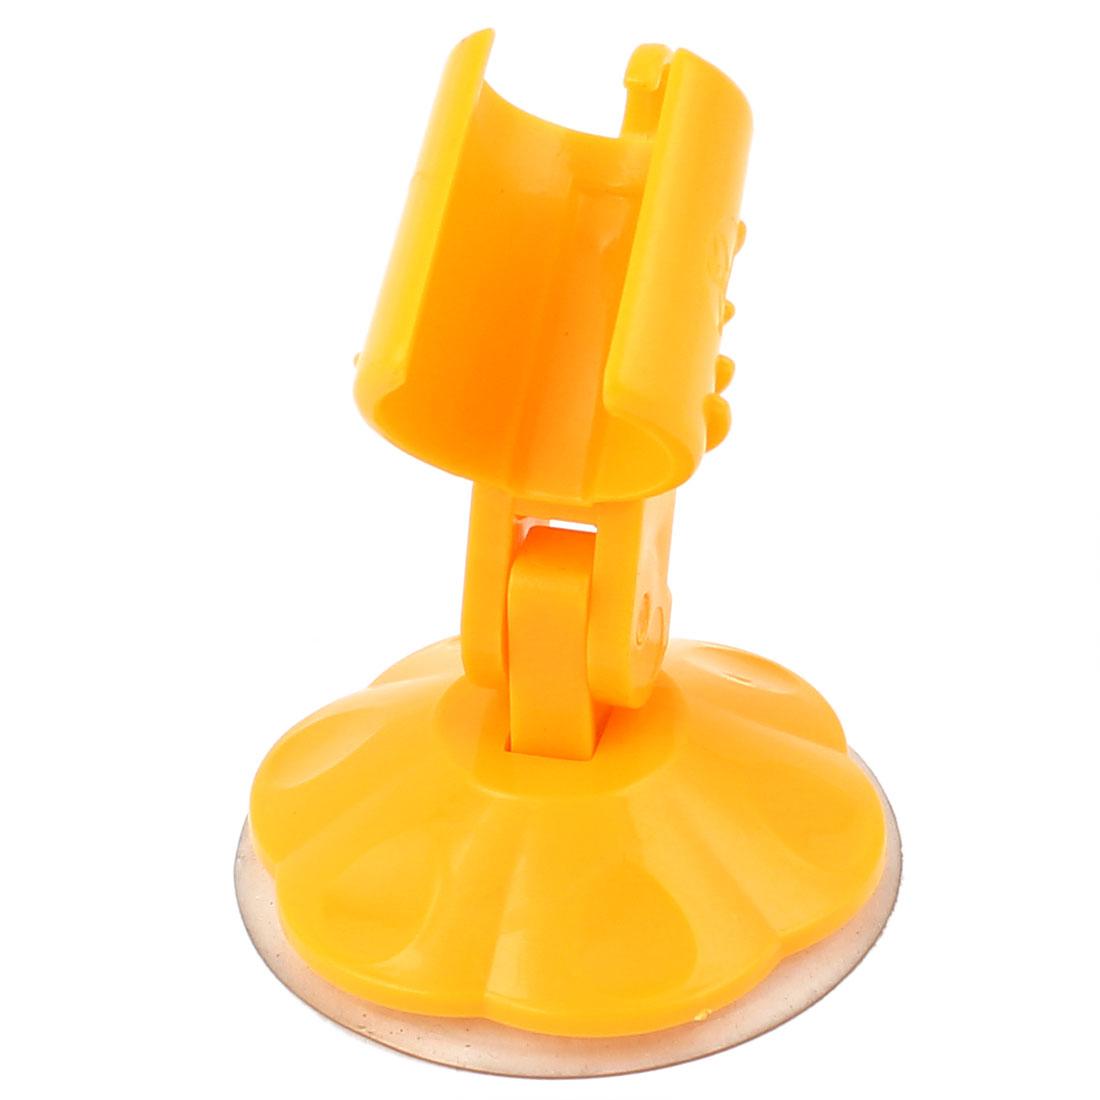 Adjustable Safe Bathroom Shower Head Suction Cup Grip Holder Orange